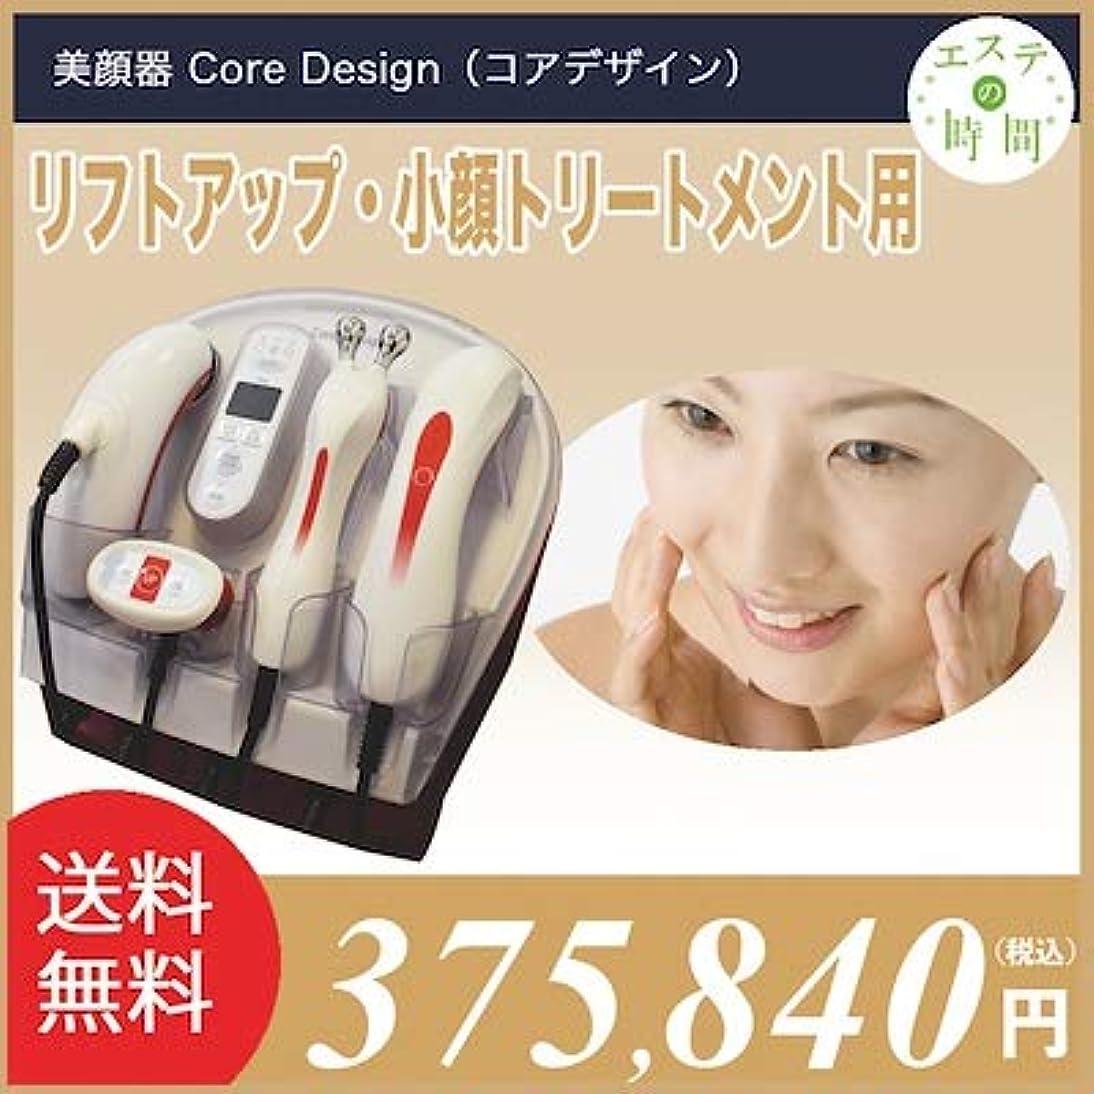 聖書勤勉な許容日本製 エステ業務用 美顔器 Core Design (コアデザイン)/ 全国どこでも無償納品研修付